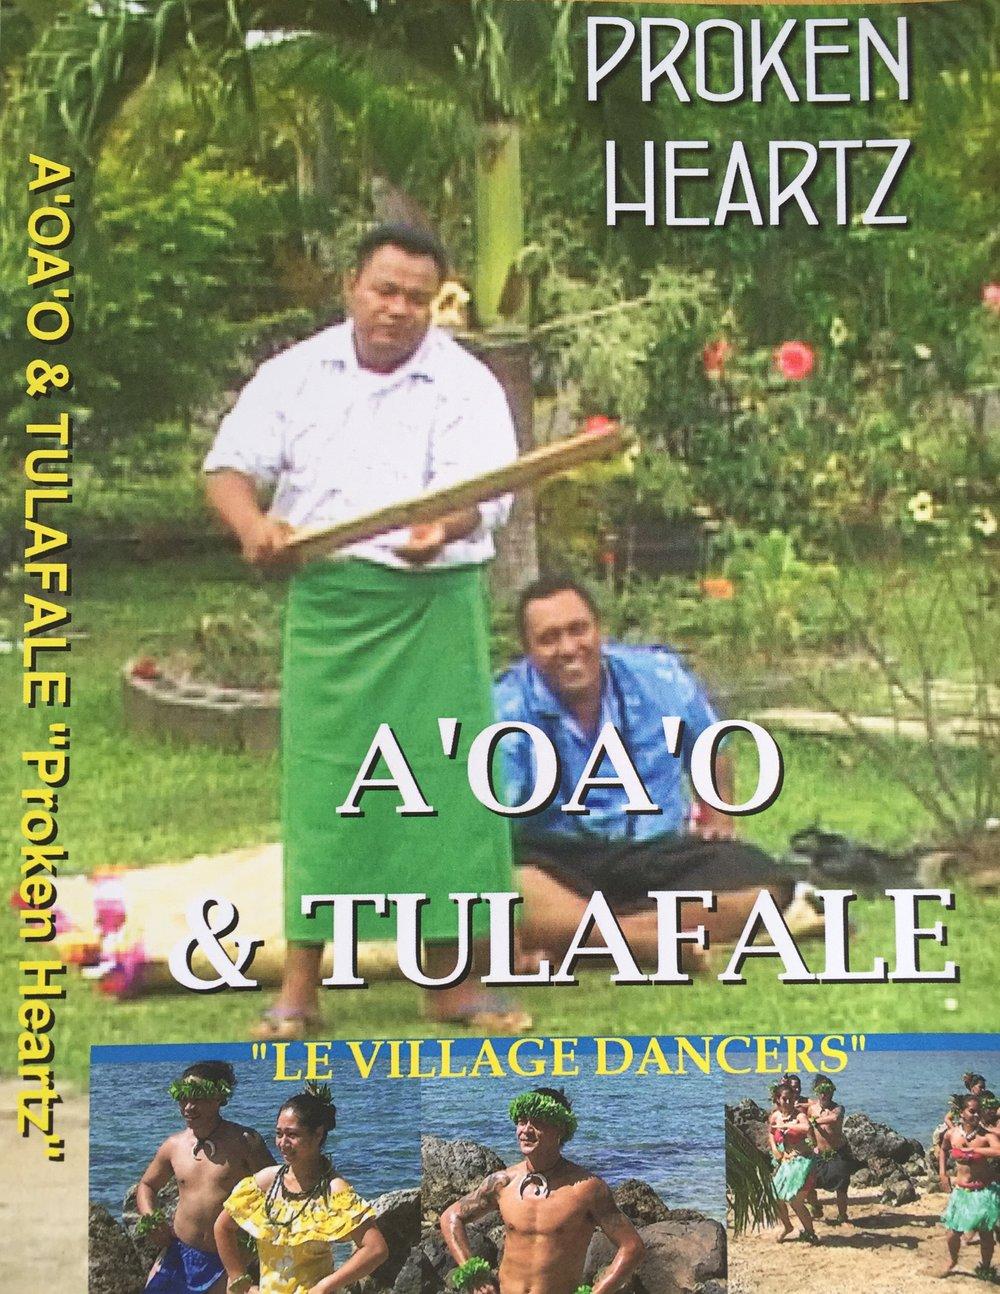 Image of AOAO & TULAFALE 2